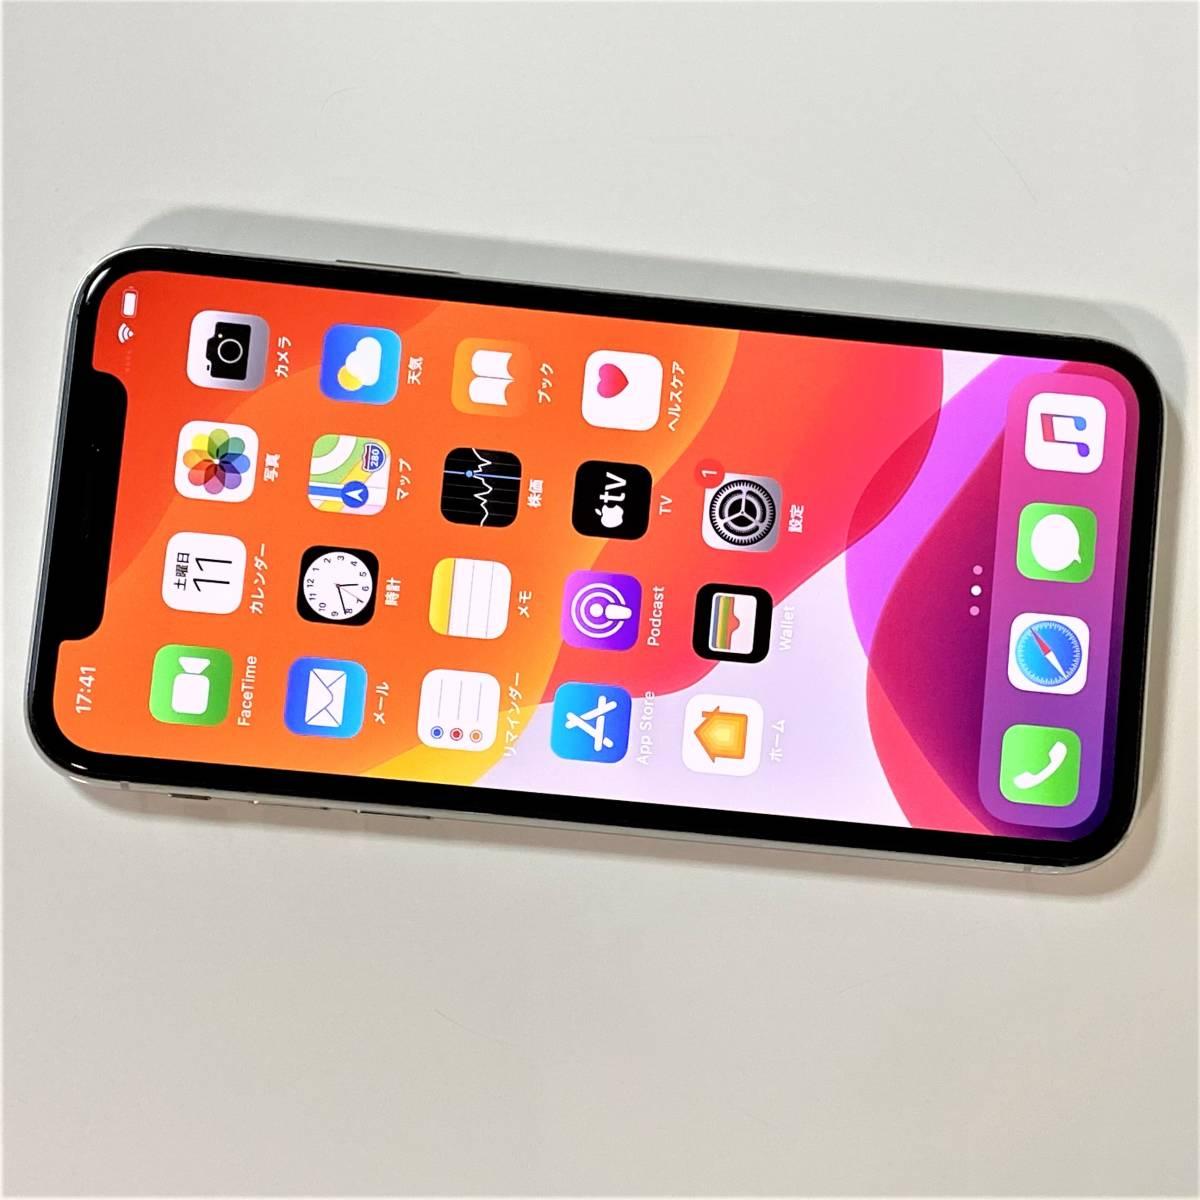 (美品) SIMフリー iPhone X シルバー 256GB MQC22J/A iOS13.5.1 docomo 格安SIM MVNO 海外利用可能 アクティベーションロック解除済